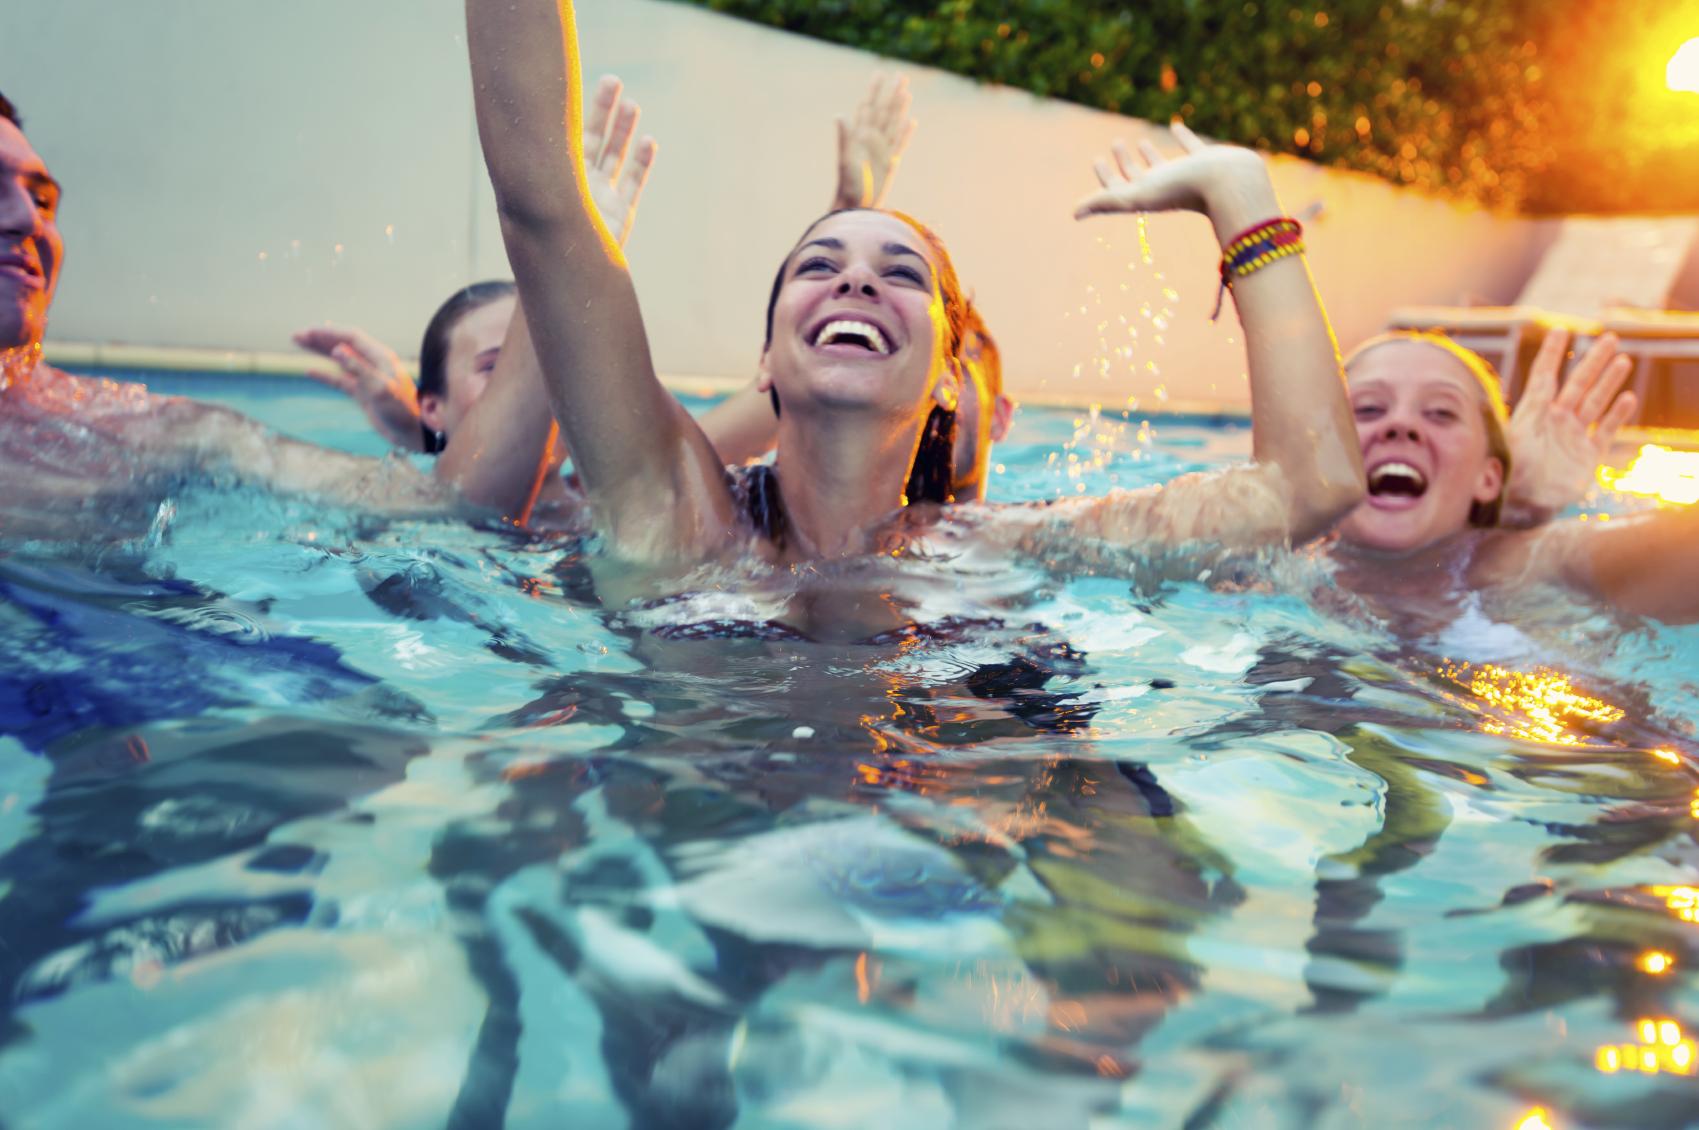 Astorian saunalta löytyy upea uima-allas.